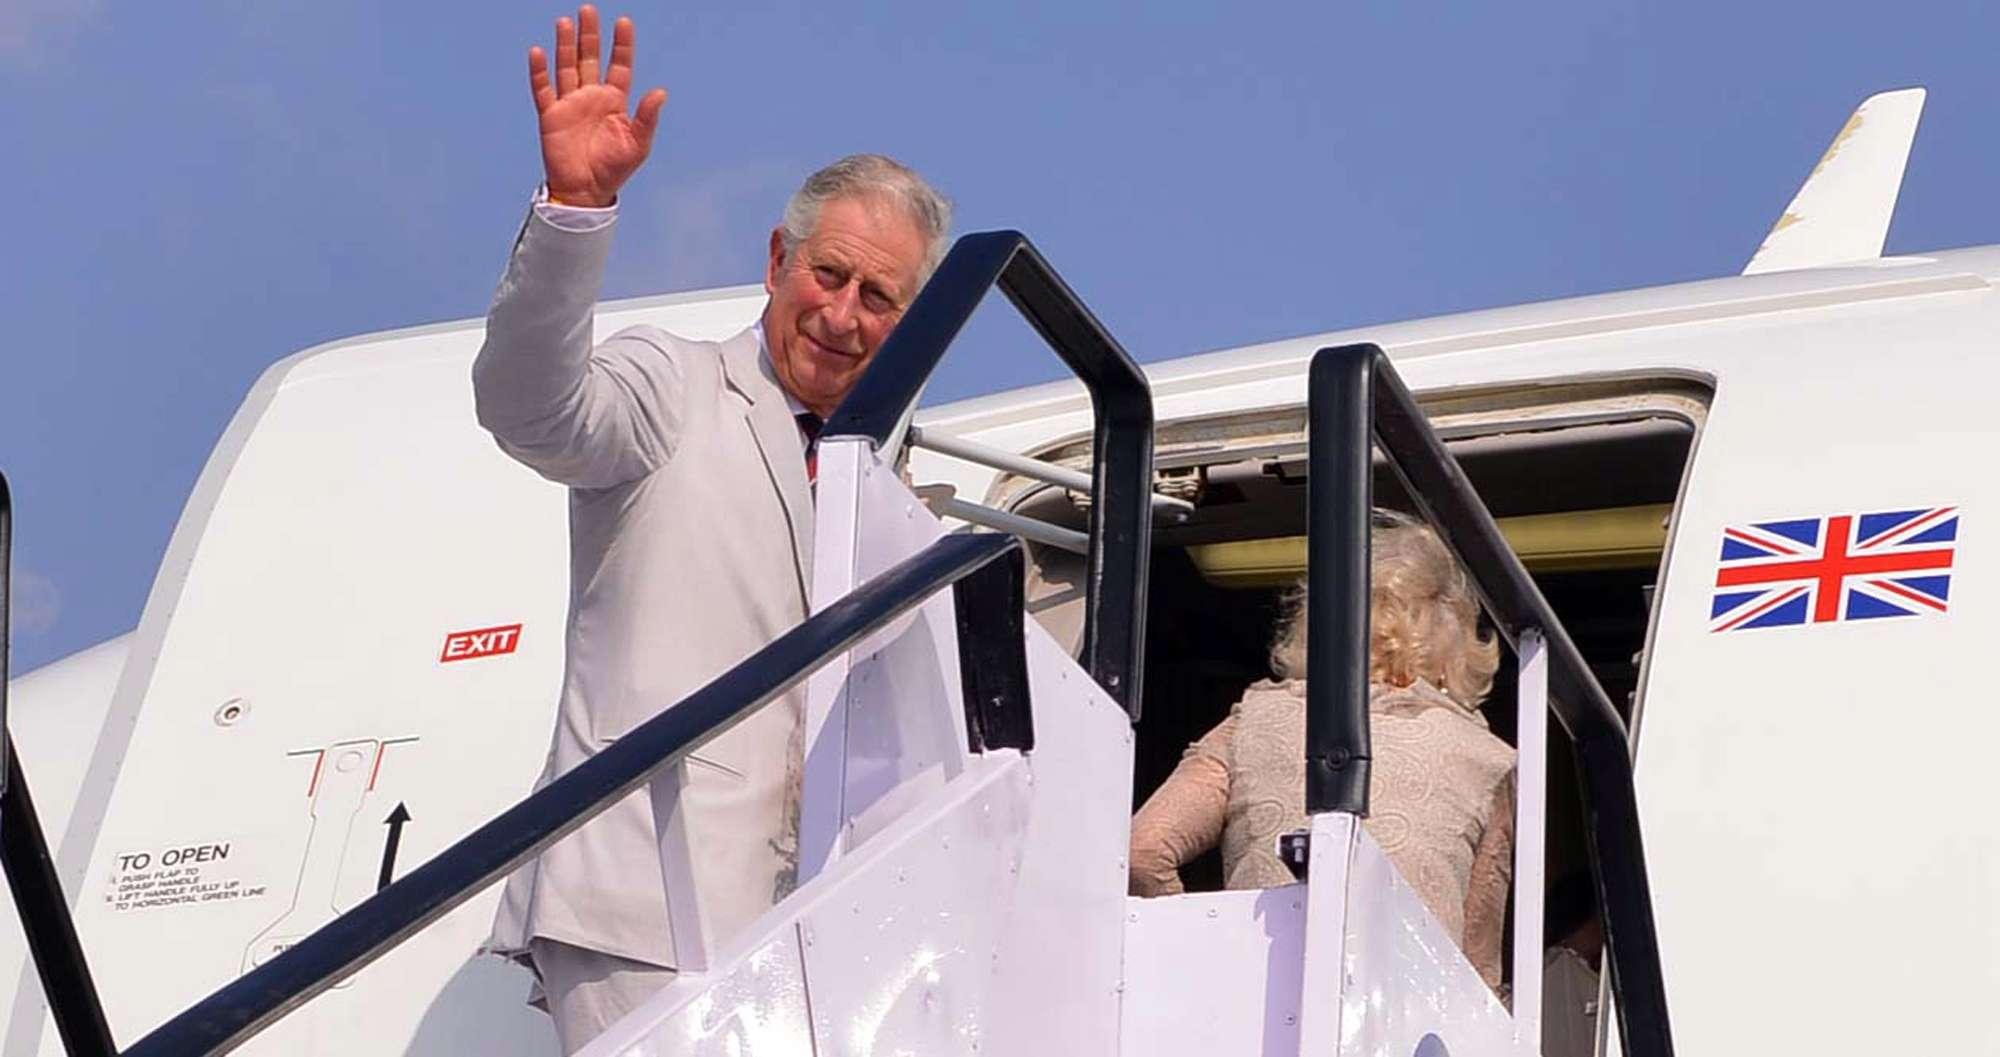 Debido a la avanzada edad de la reina Isabel II, de 88 años, el heredero de la corona asume cada vez más compromisos oficiales en representación de su madre. Foto: Archivo/AP en español